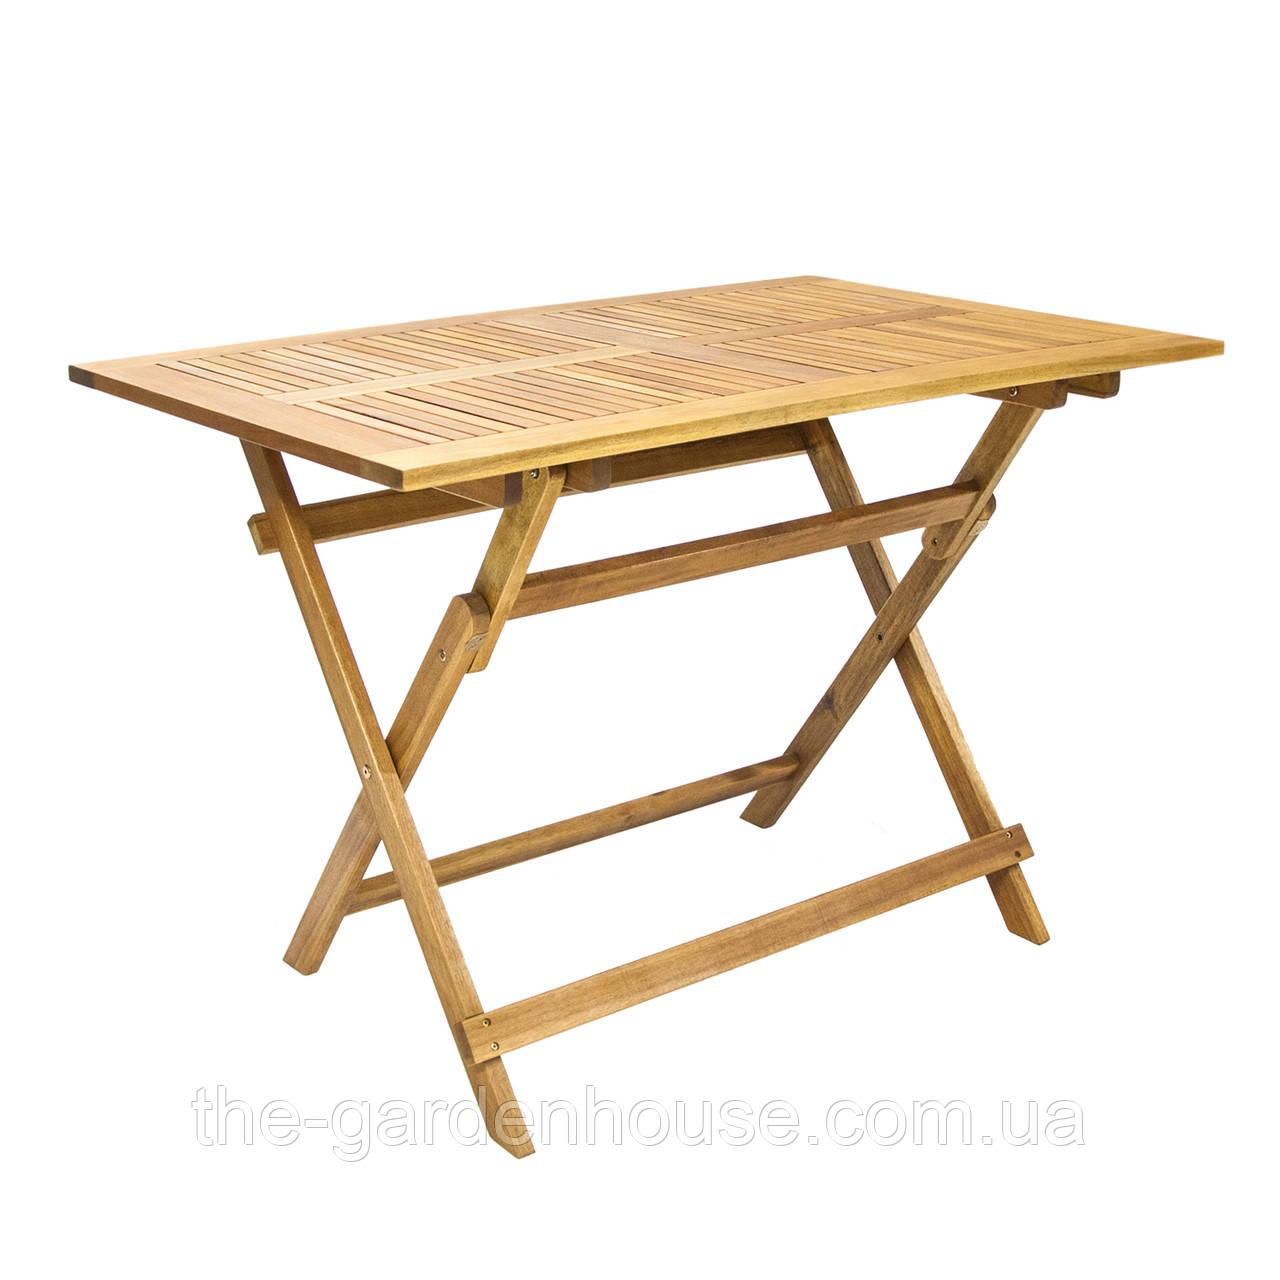 Садовый стол из дерева акации FINLAY 110x75 см складной